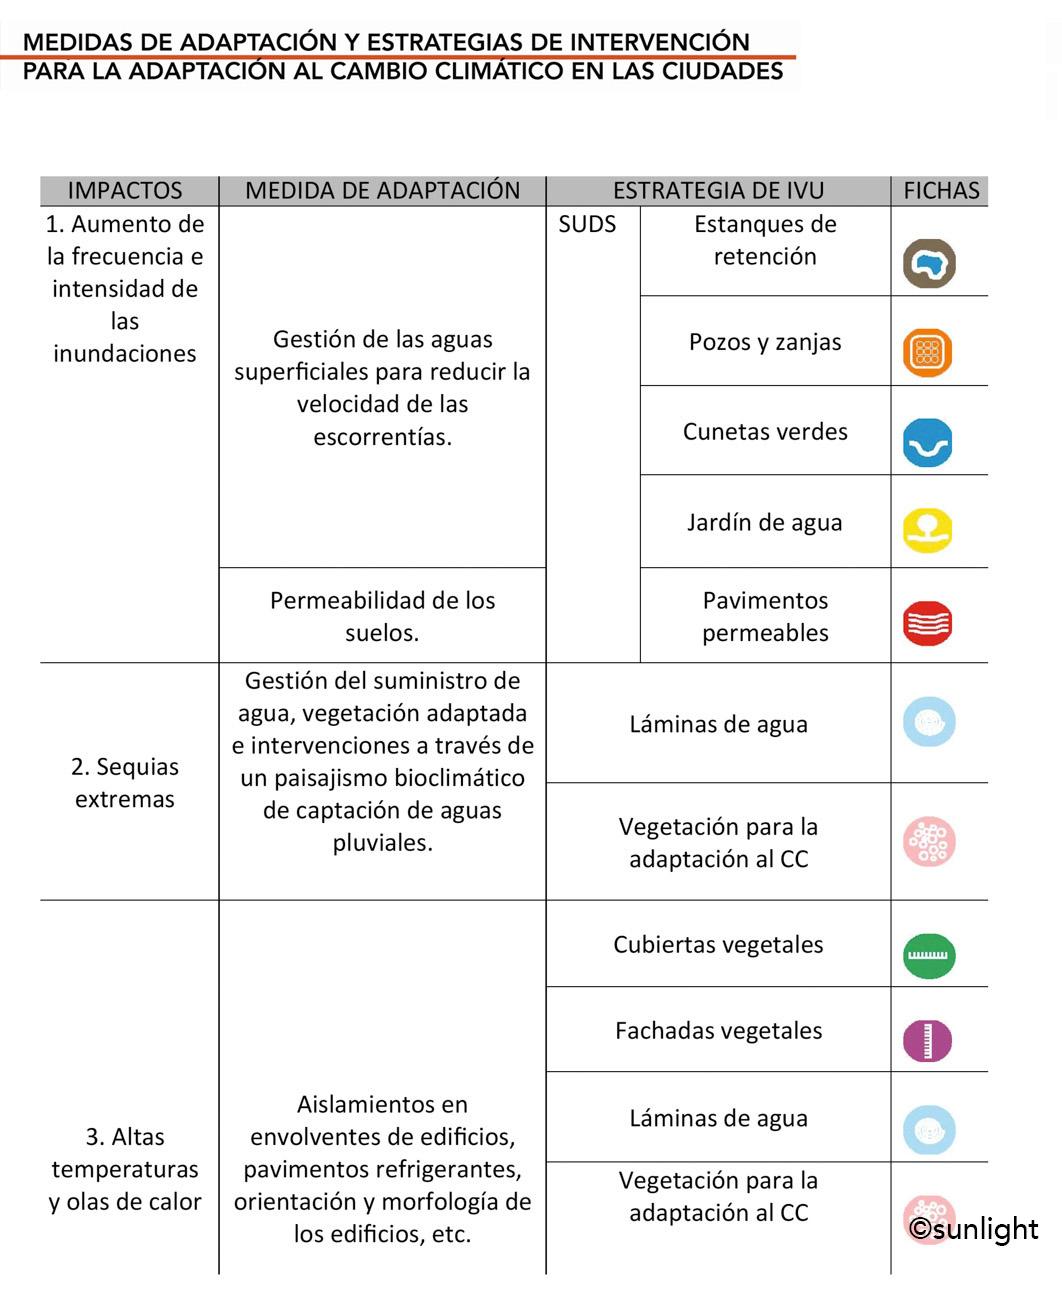 Medidas_GuíaIVU©sunlight